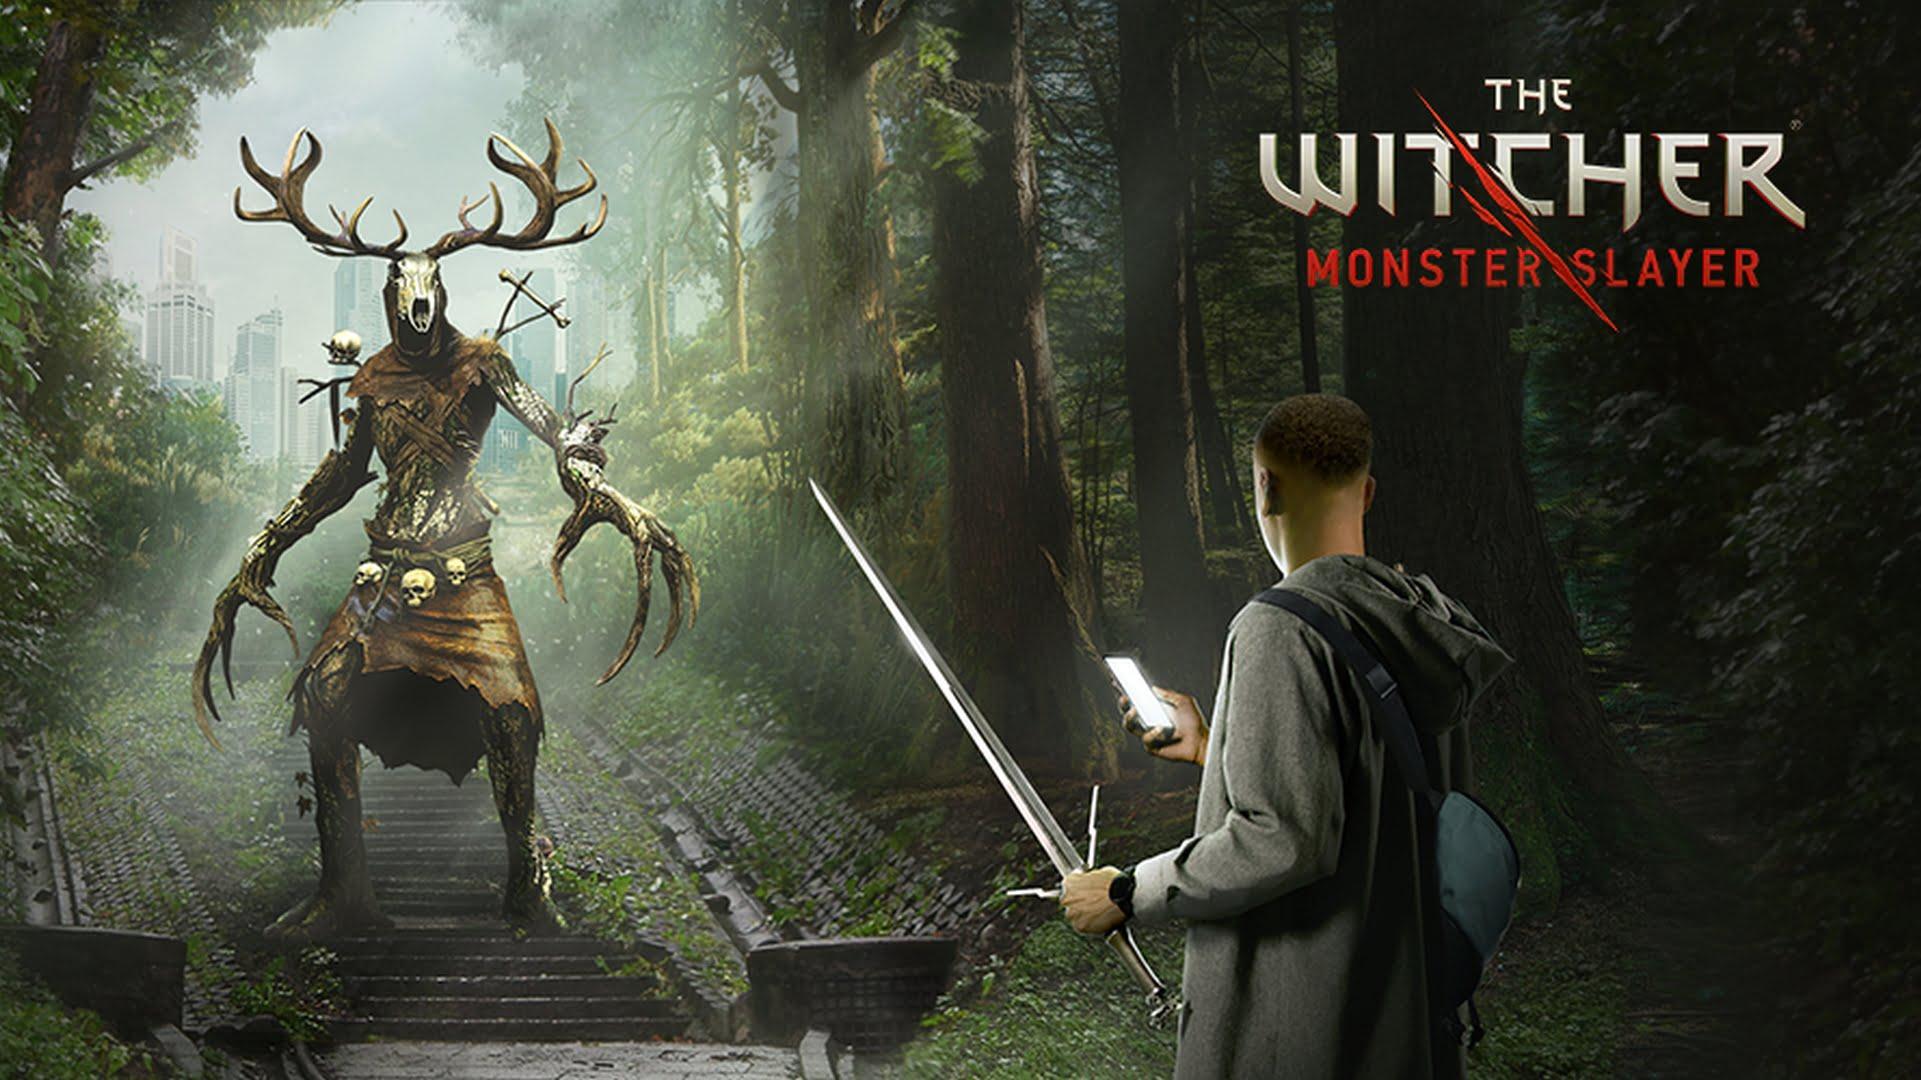 Premiera The Witcher: Monster Slayer odbędzie się 21 lipca